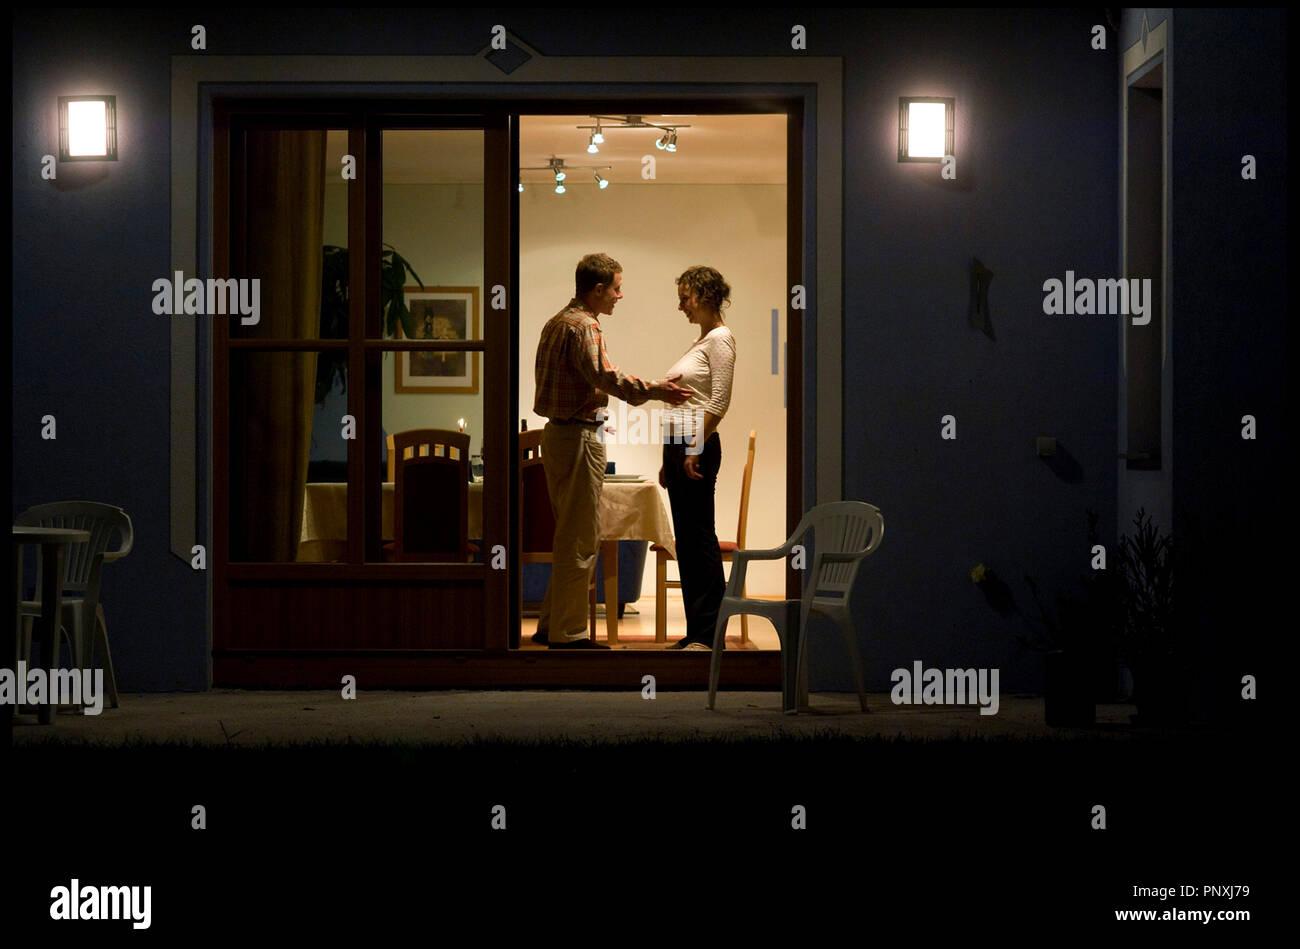 Prod DB © Prisma Film - Spielmannfilm / DR REVANCHE de Gotz Spielmann 2008 ALL. avec Andreas Lust et Ursula Strauss couple, discussion - Stock Image